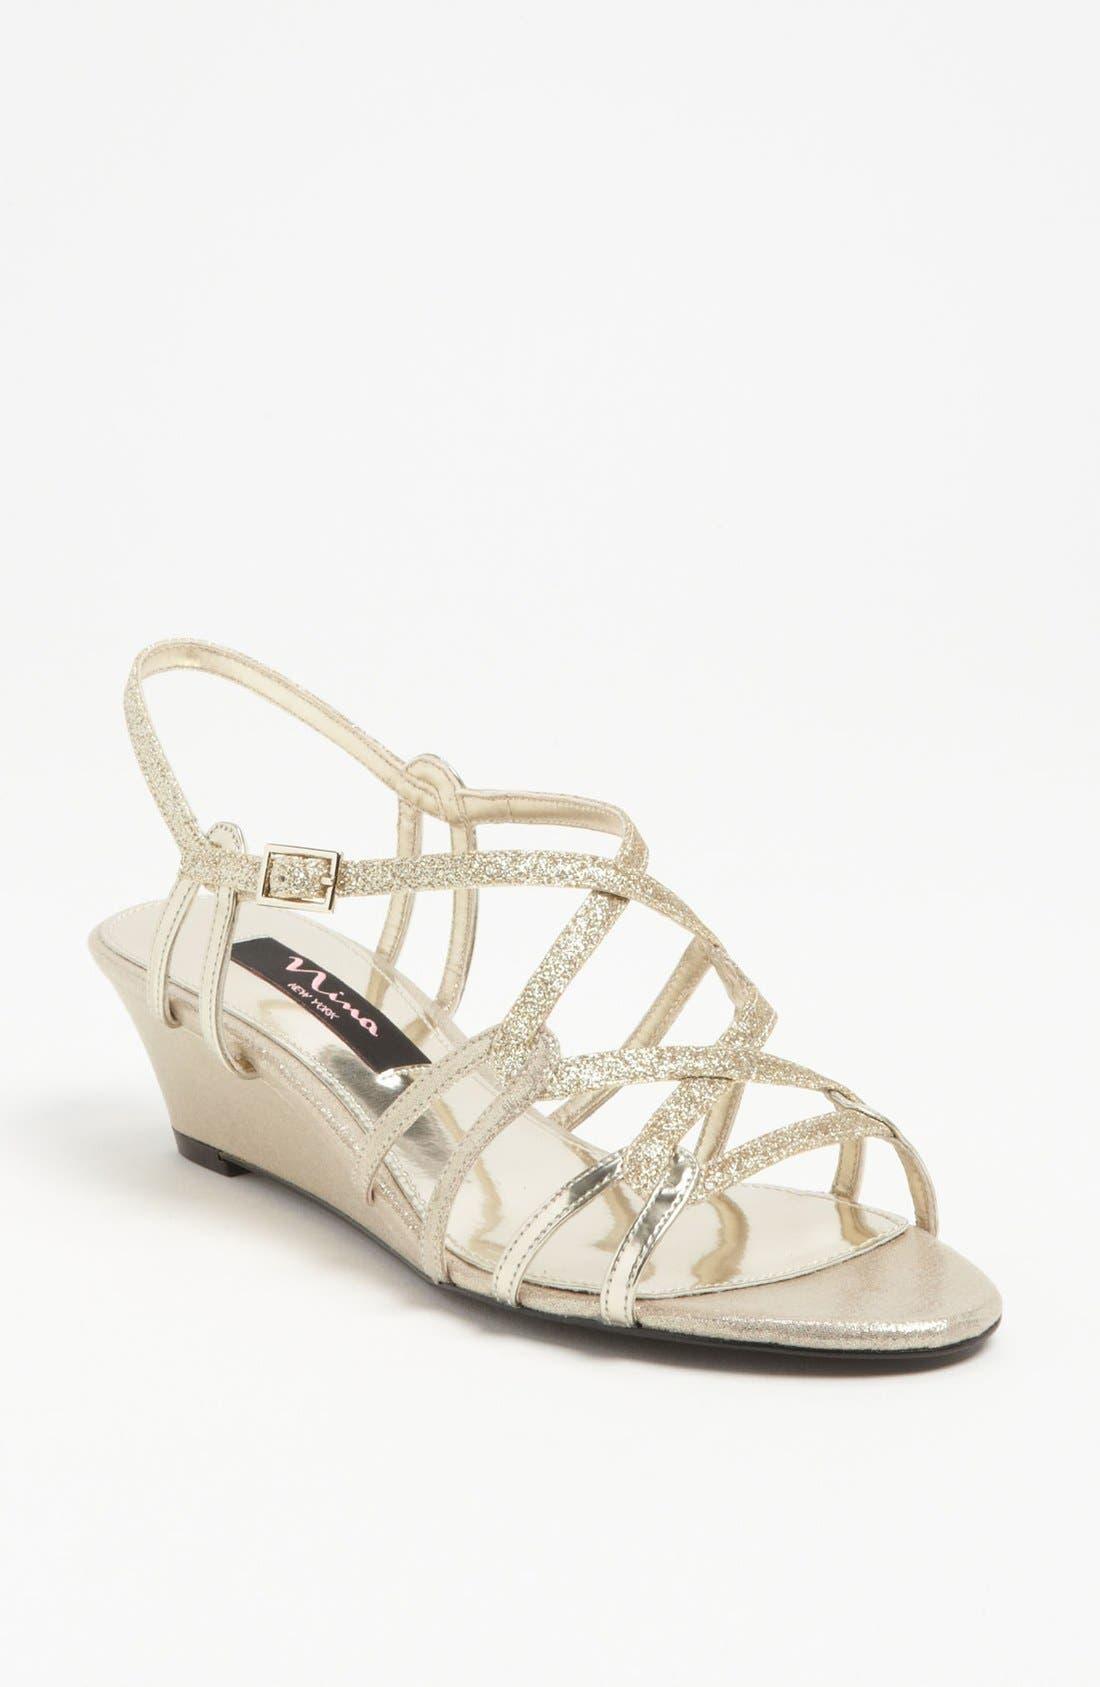 Alternate Image 1 Selected - Nina 'Foley' Wedge Sandal